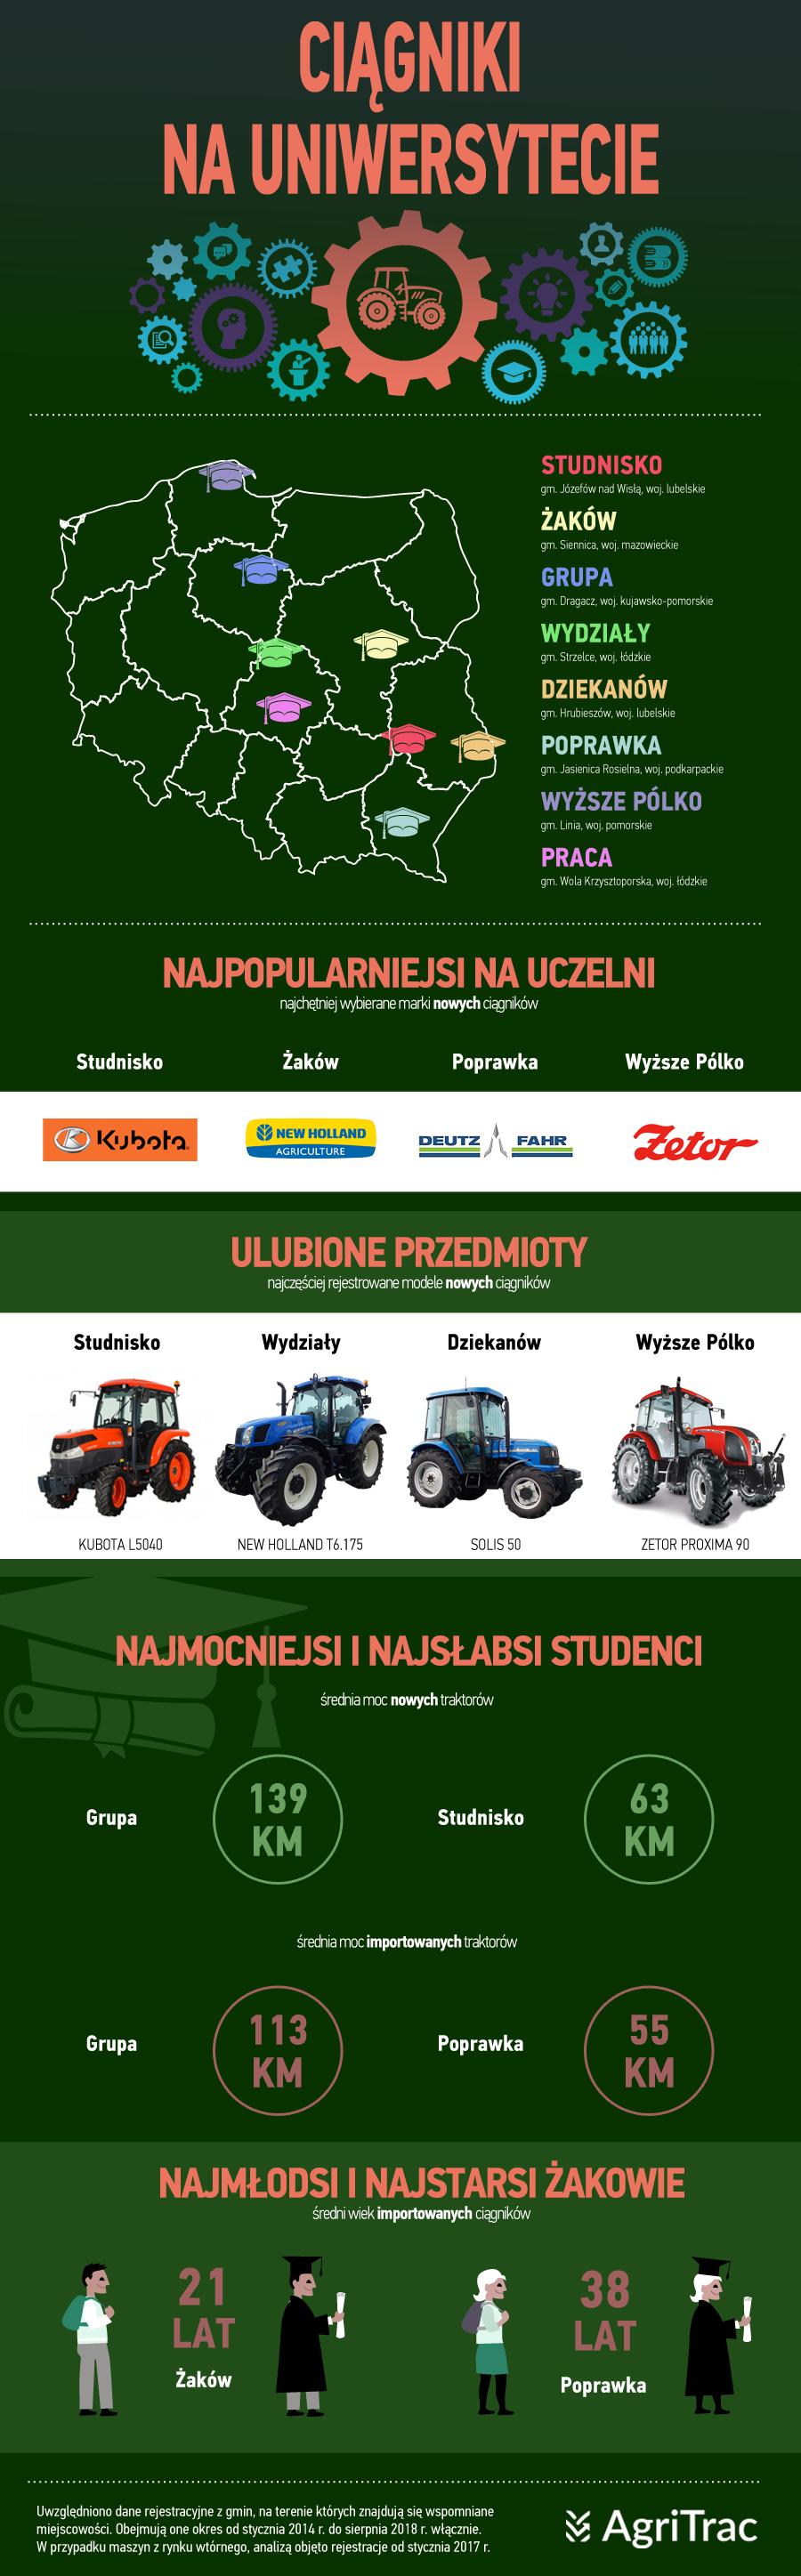 AgriTrac ciągniki rolnicze dla studentów